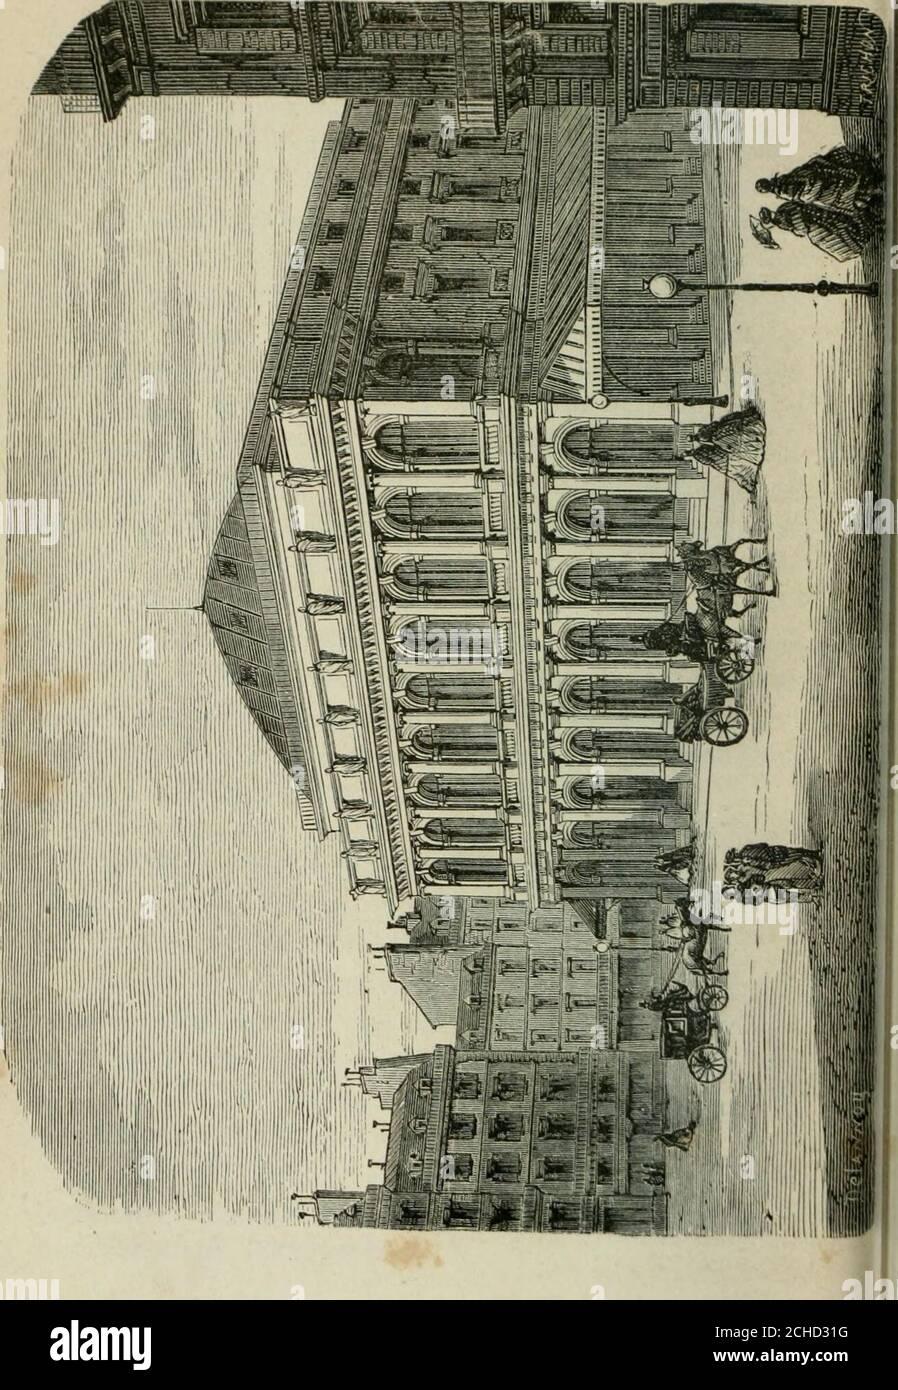 . Les merveilles du nouveau Paris-- . Cependant le publiccessa de se porter à la Comédie-Italienne et Donna la pré-férence à lOpéra-Comique. En 1780, les comédiens italiensse retirèrent; Mais la Truppe continua à exploiter le théâtresous le nom de Comédie-Italienne. En 1785, ce théâtre futtransporté dans la salle occupée aujourdhui par le théâtrede lOpéra-Comique, sur le Boulevard des Italiens. Le théâtre de lOpéra-Comique succéda à ceux de la Foire,où les comédiens italiens représentaient des pièces à ariet-tes. Il fut installé en 1716, à lhôtel de Bourgogne. Le succès de cette nouvelle scène Stockfoto